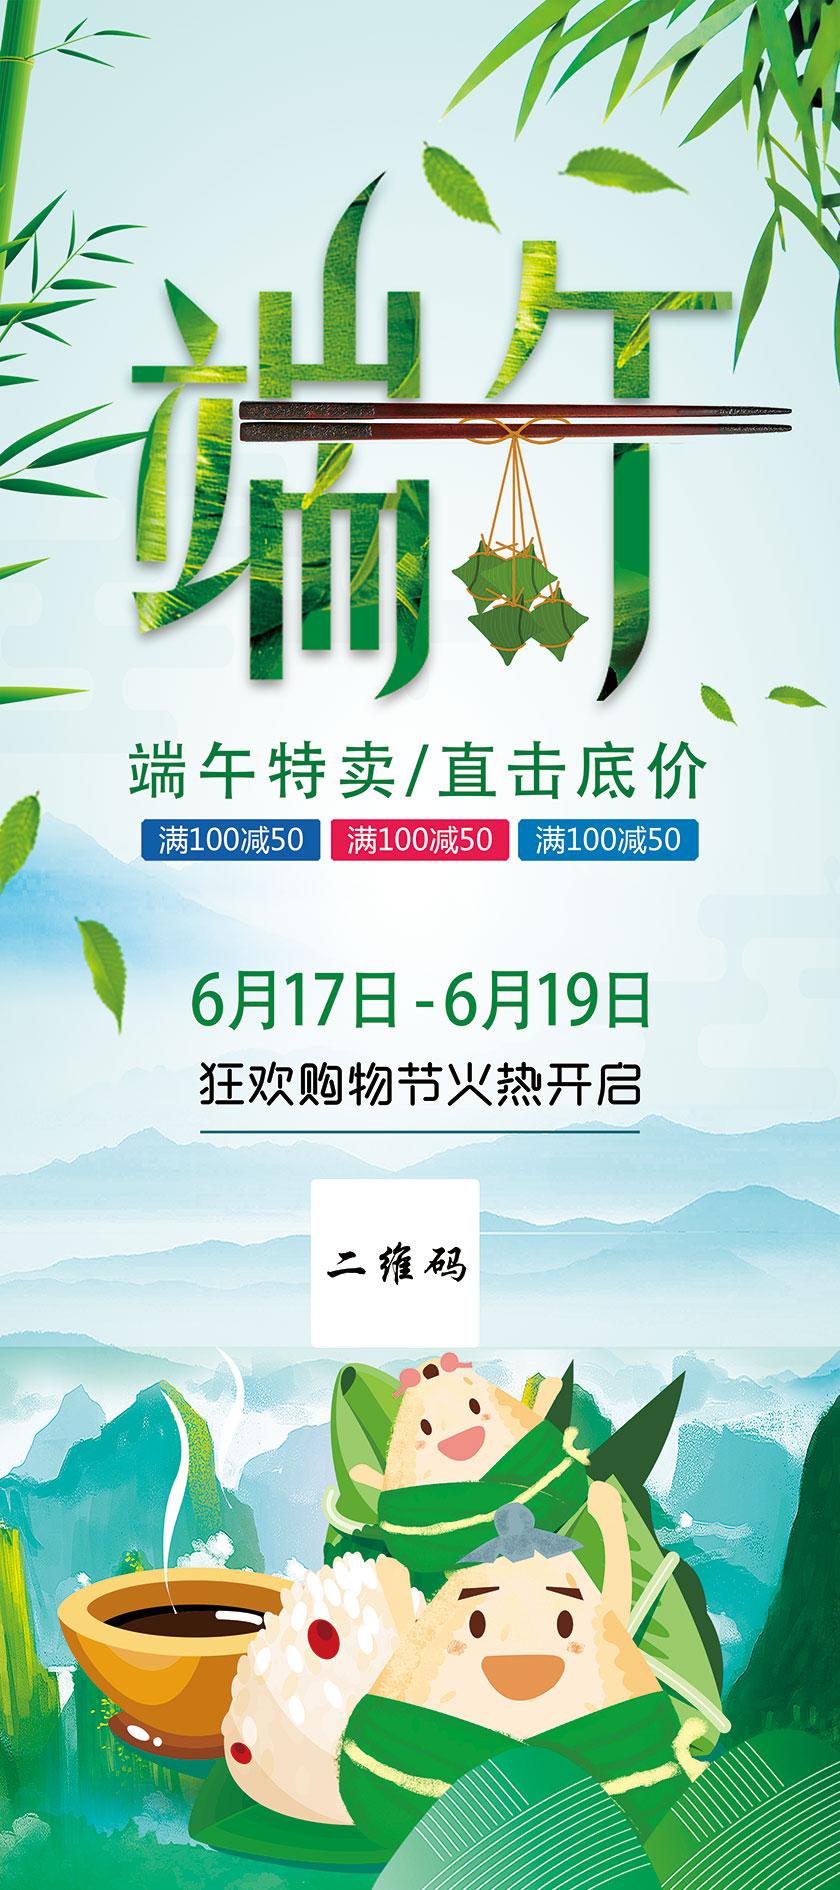 端午节粽子特卖活动展架PSD素材